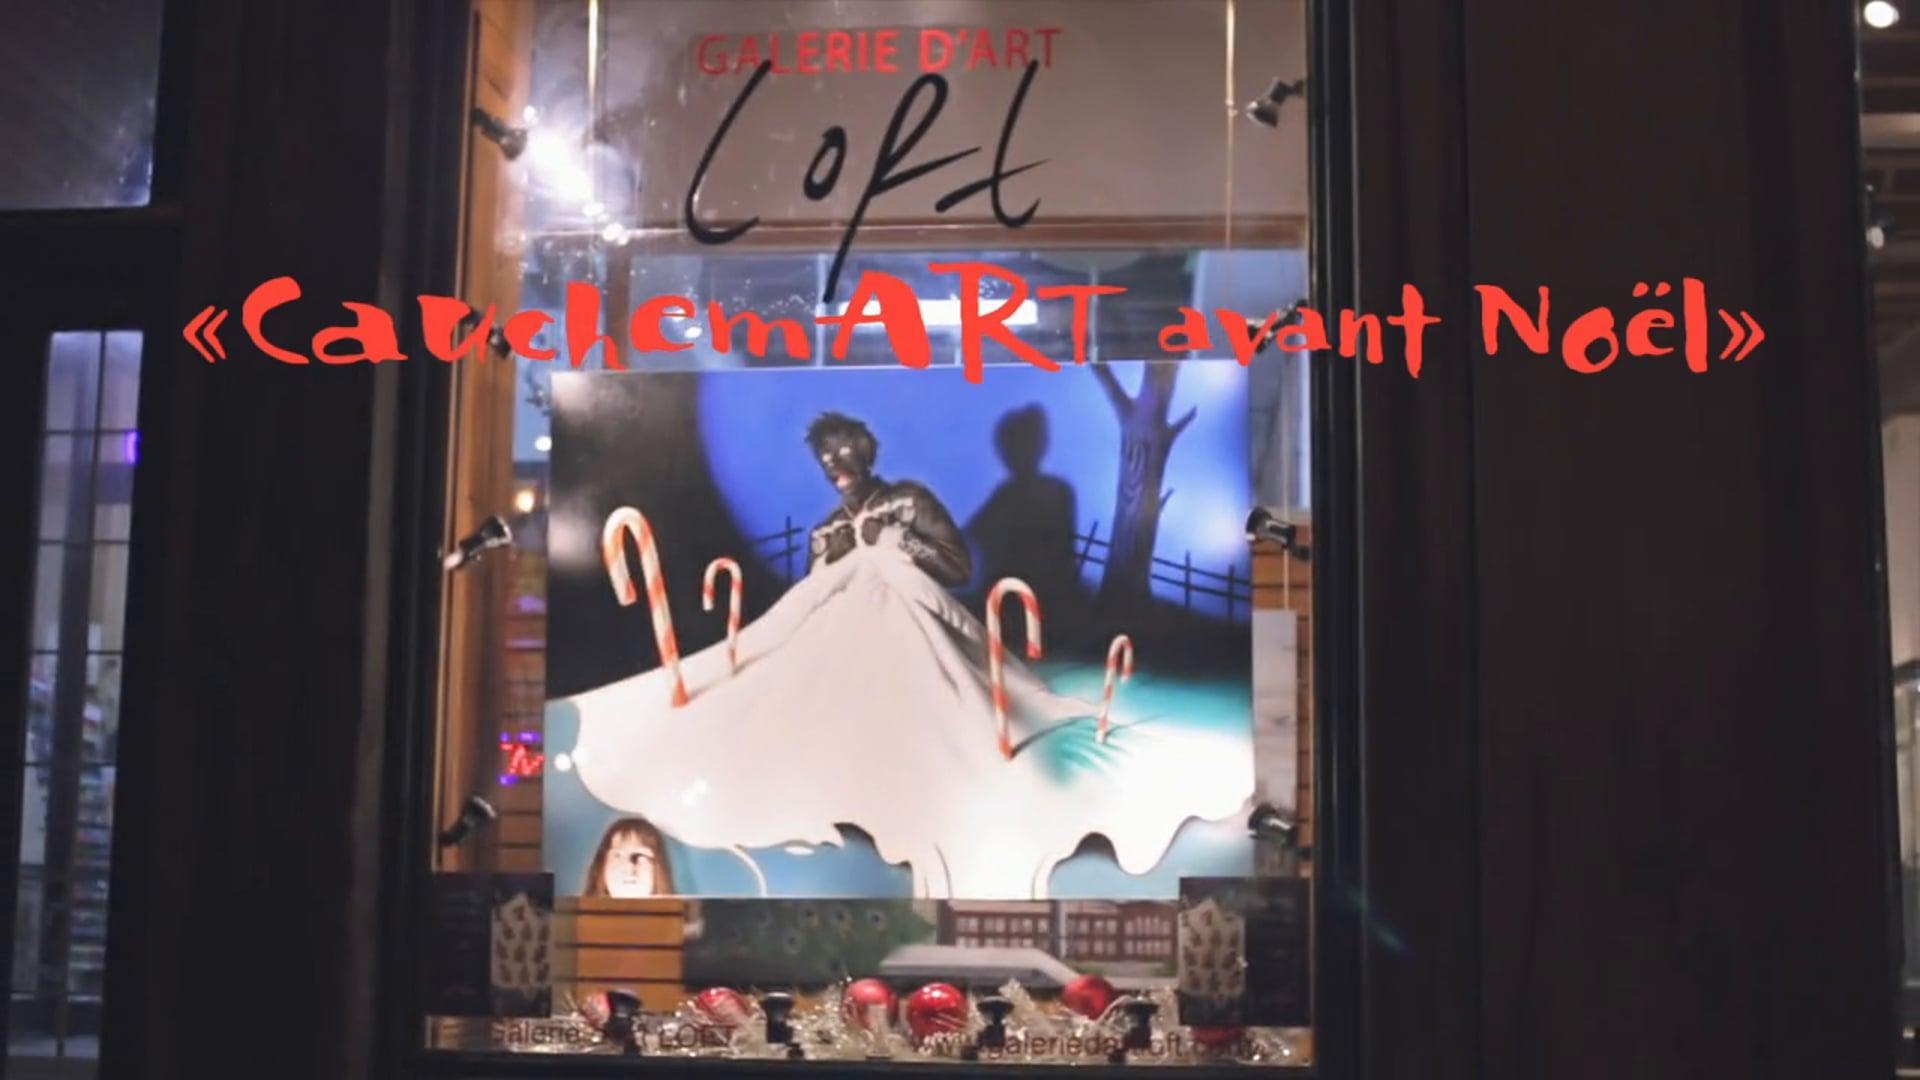 CauchemART avant Noël - Galerie d'art Loft